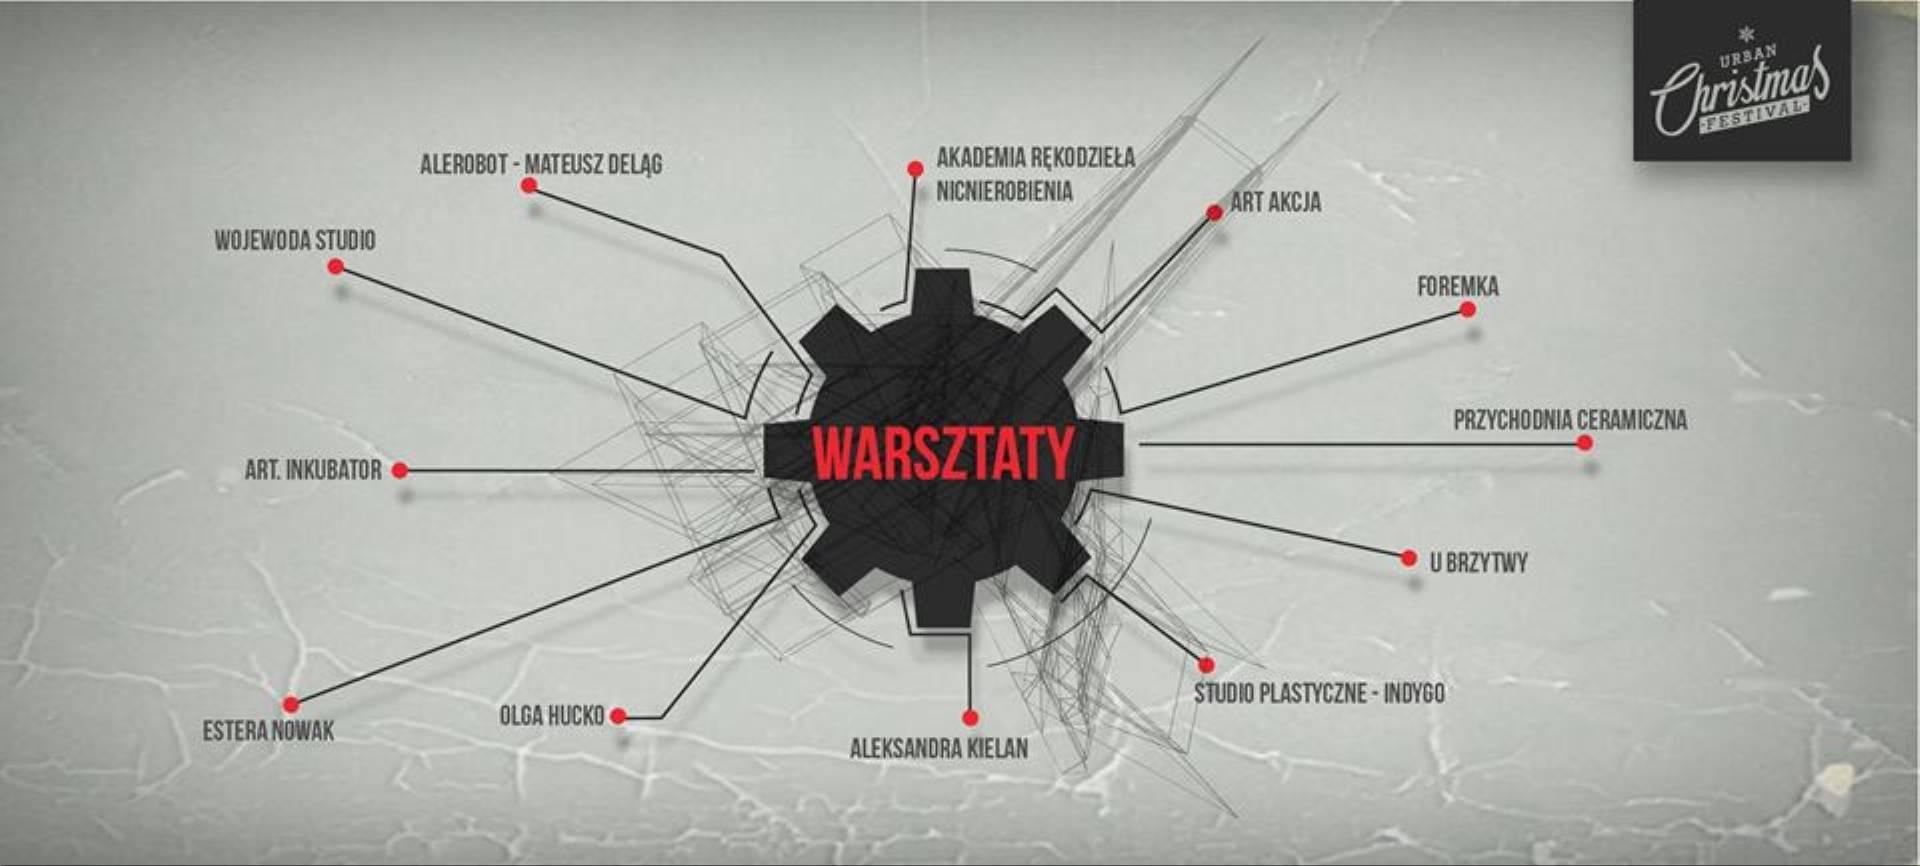 Warsztaty-facebook